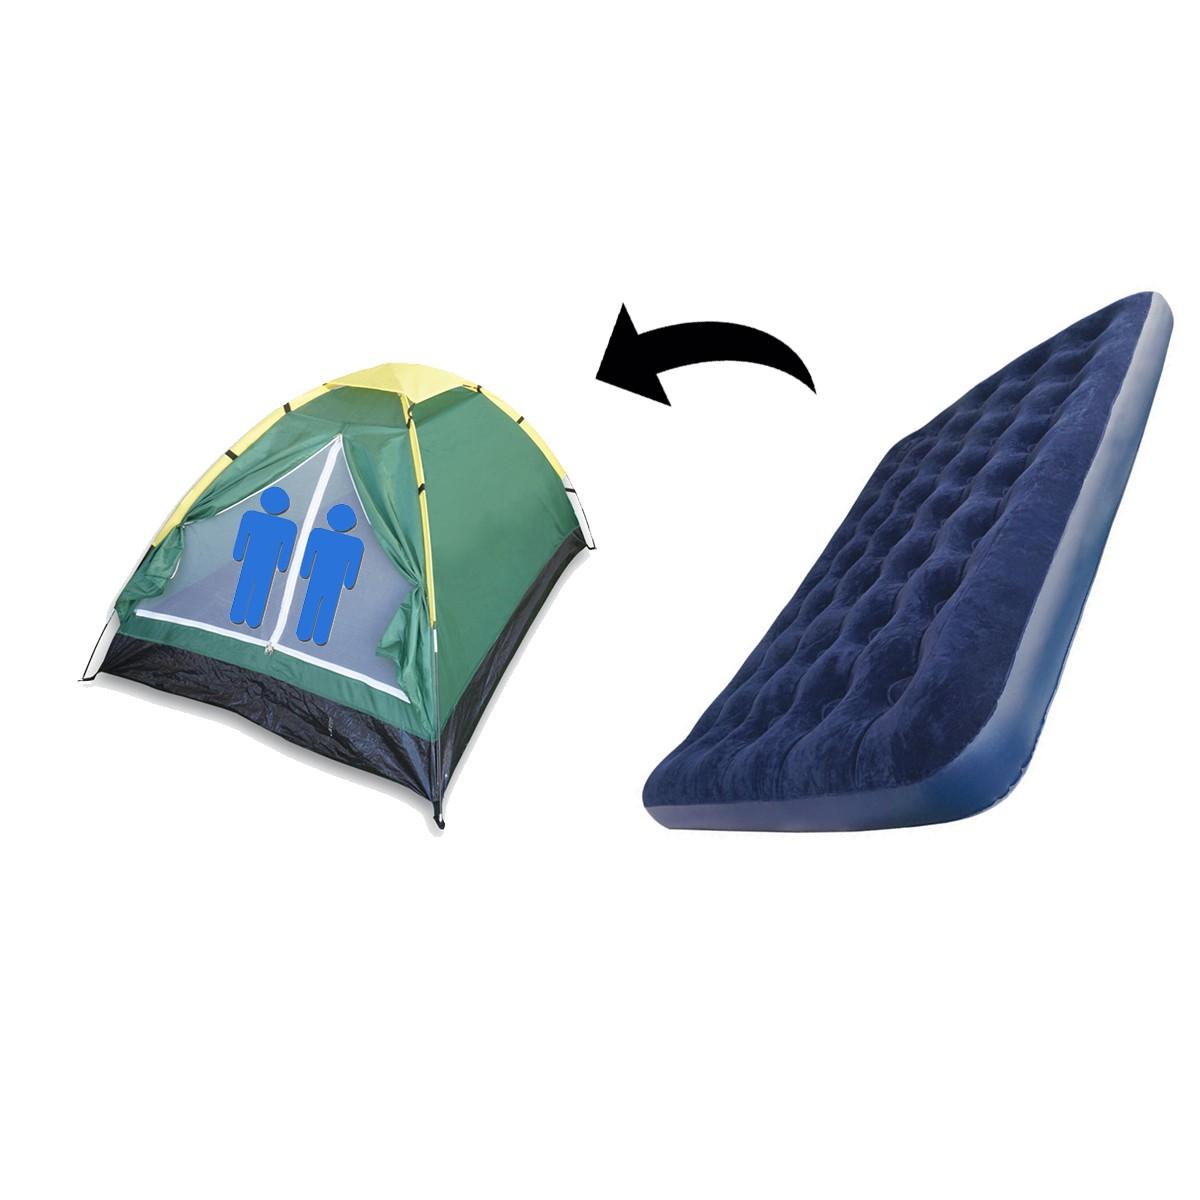 Kit Barraca De Camping 2 Lugares Com Colchão Inflável Casal Antares